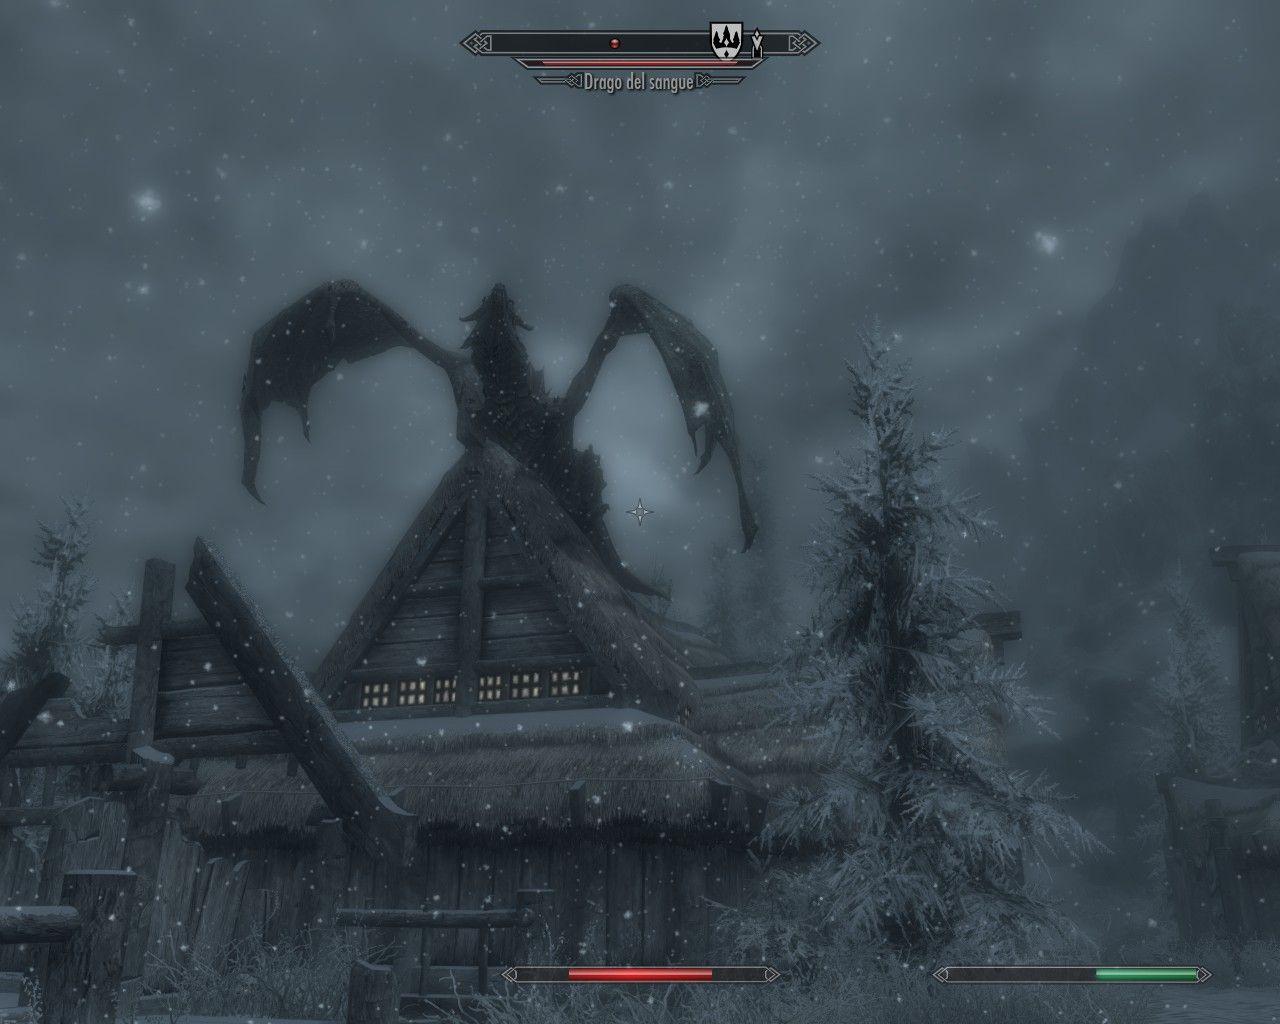 Eh sì, quello è proprio un drago.